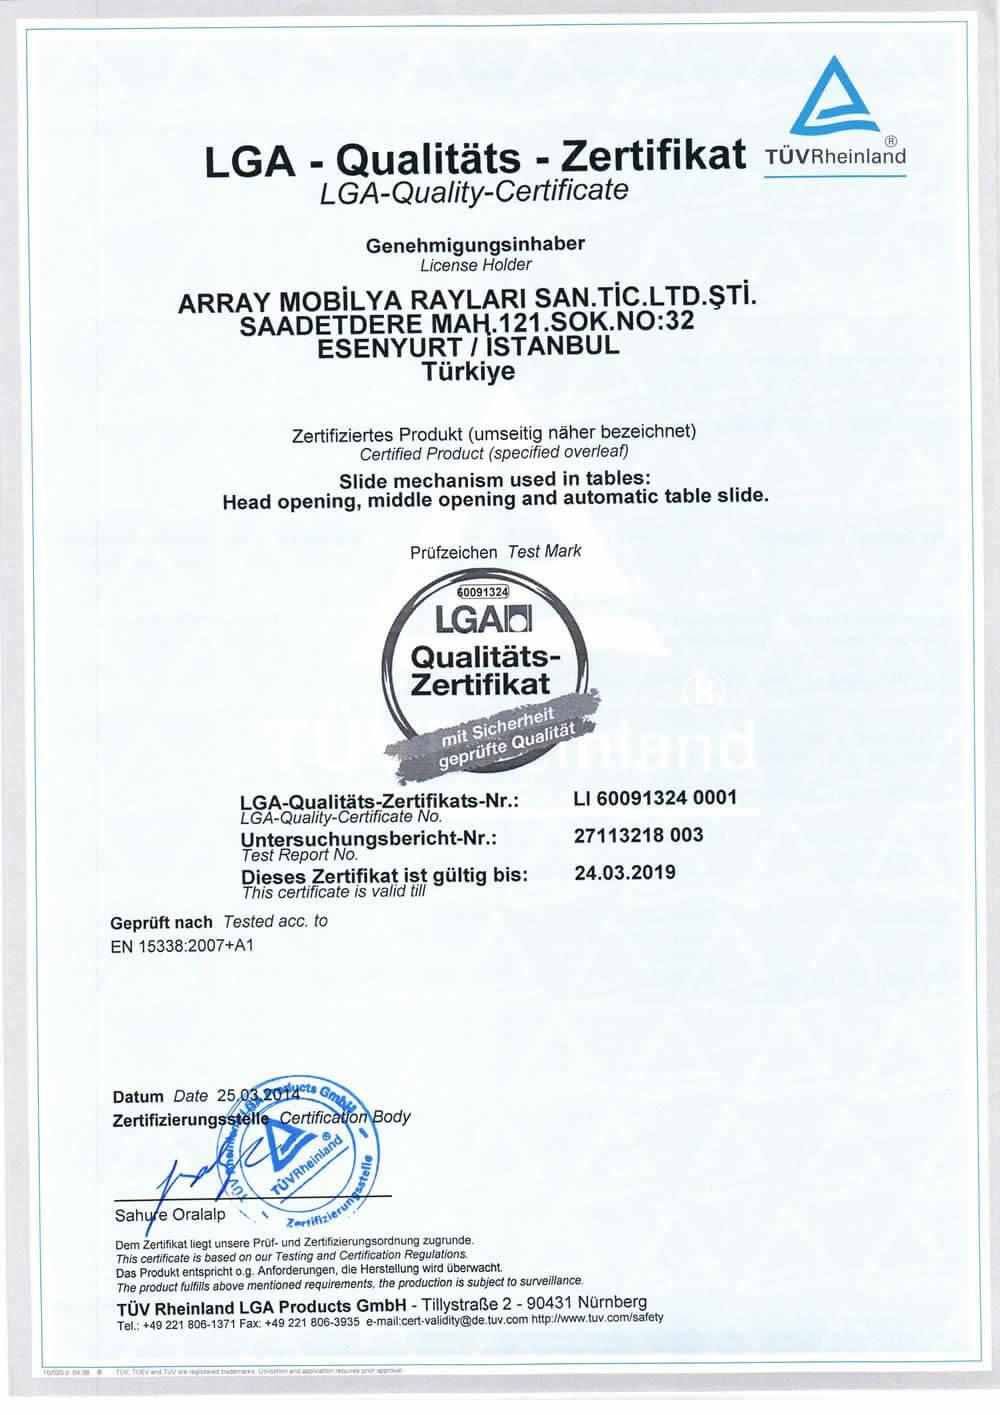 شهادات - الجودة | Array Ray Sistemleri